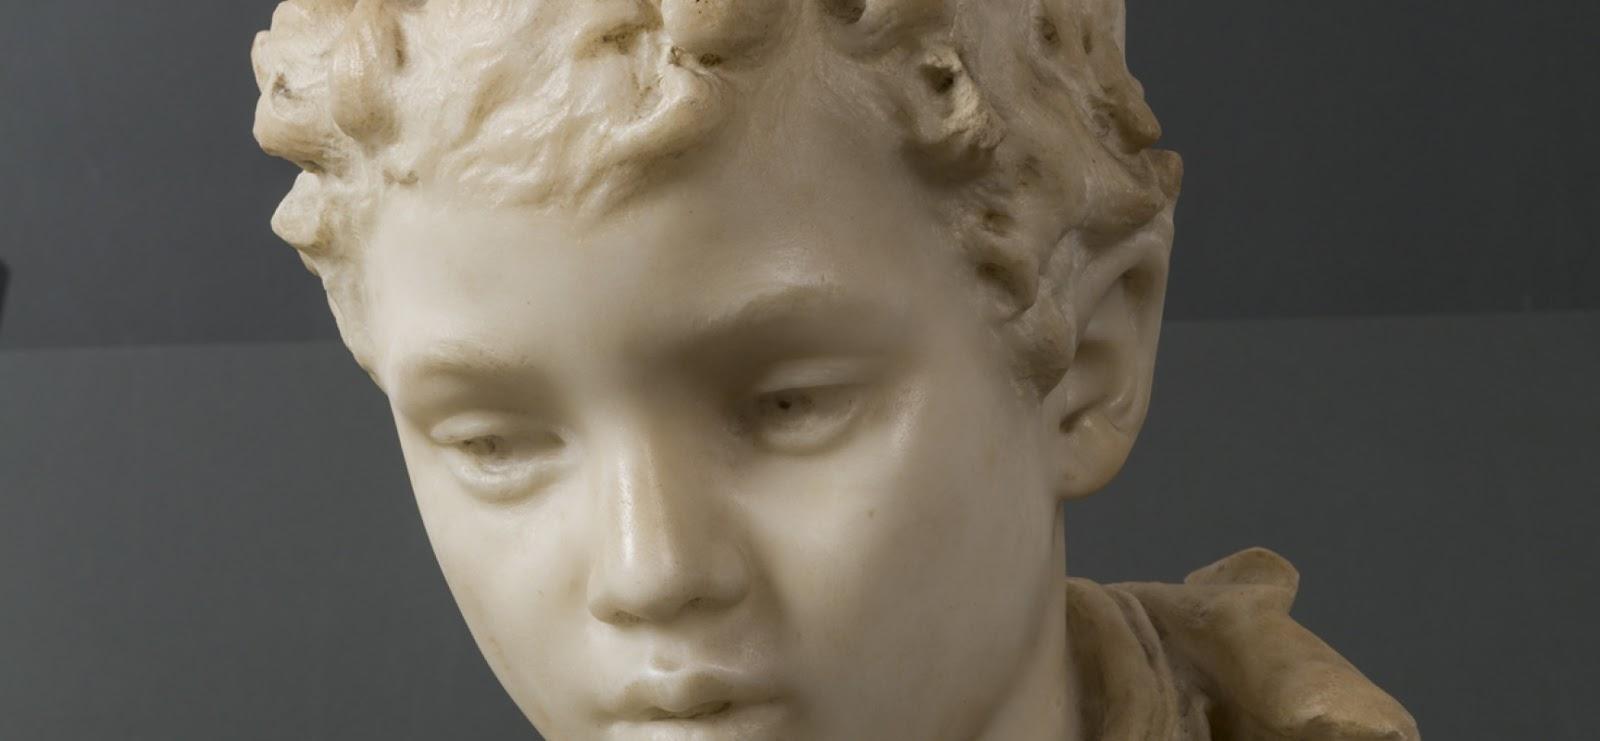 Vincenzo Gemito Testa di fanciullo detail